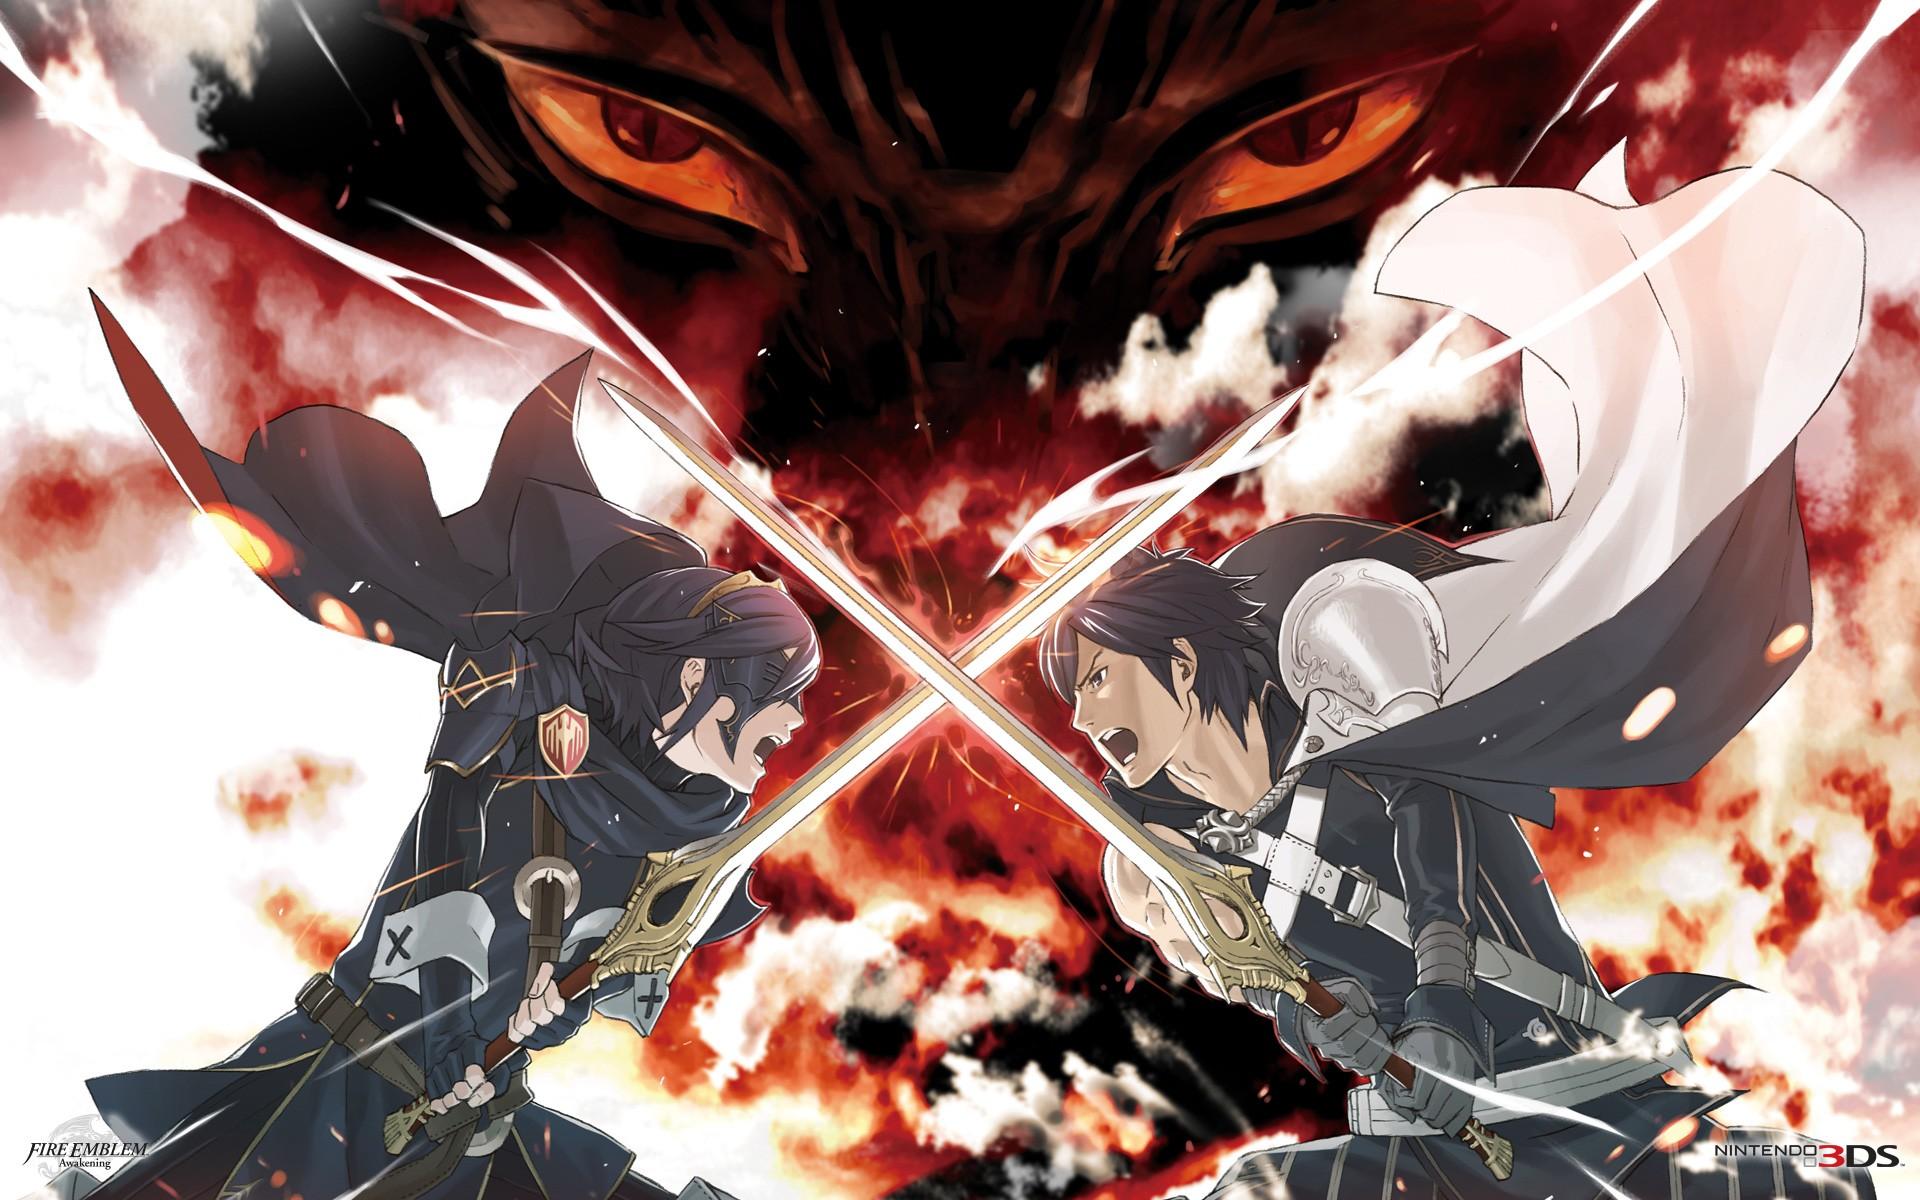 Fire Emblem Desktop Wallpaper: Wallpaper : Anime, Sword, Fire Emblem, Lucina, Computer